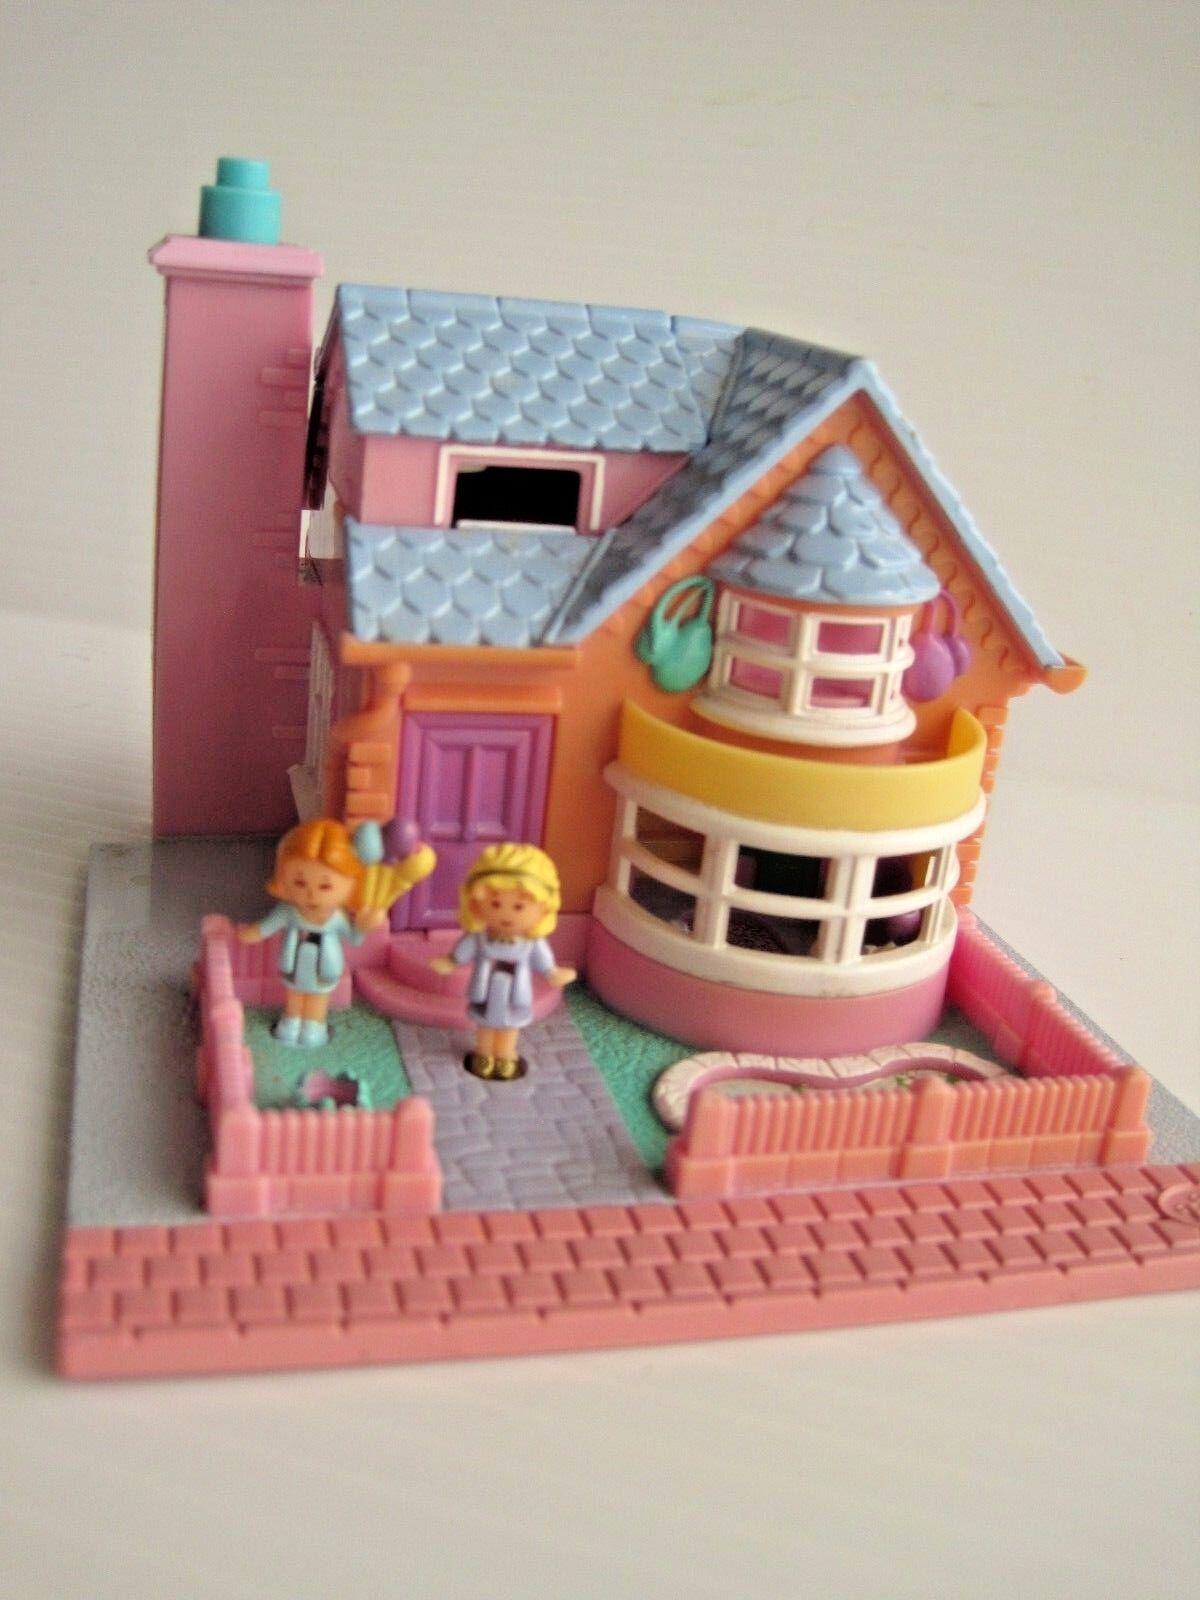 Polly Pocket azulbird Toys Bay ventana casa completa y las luces funcionan  1993